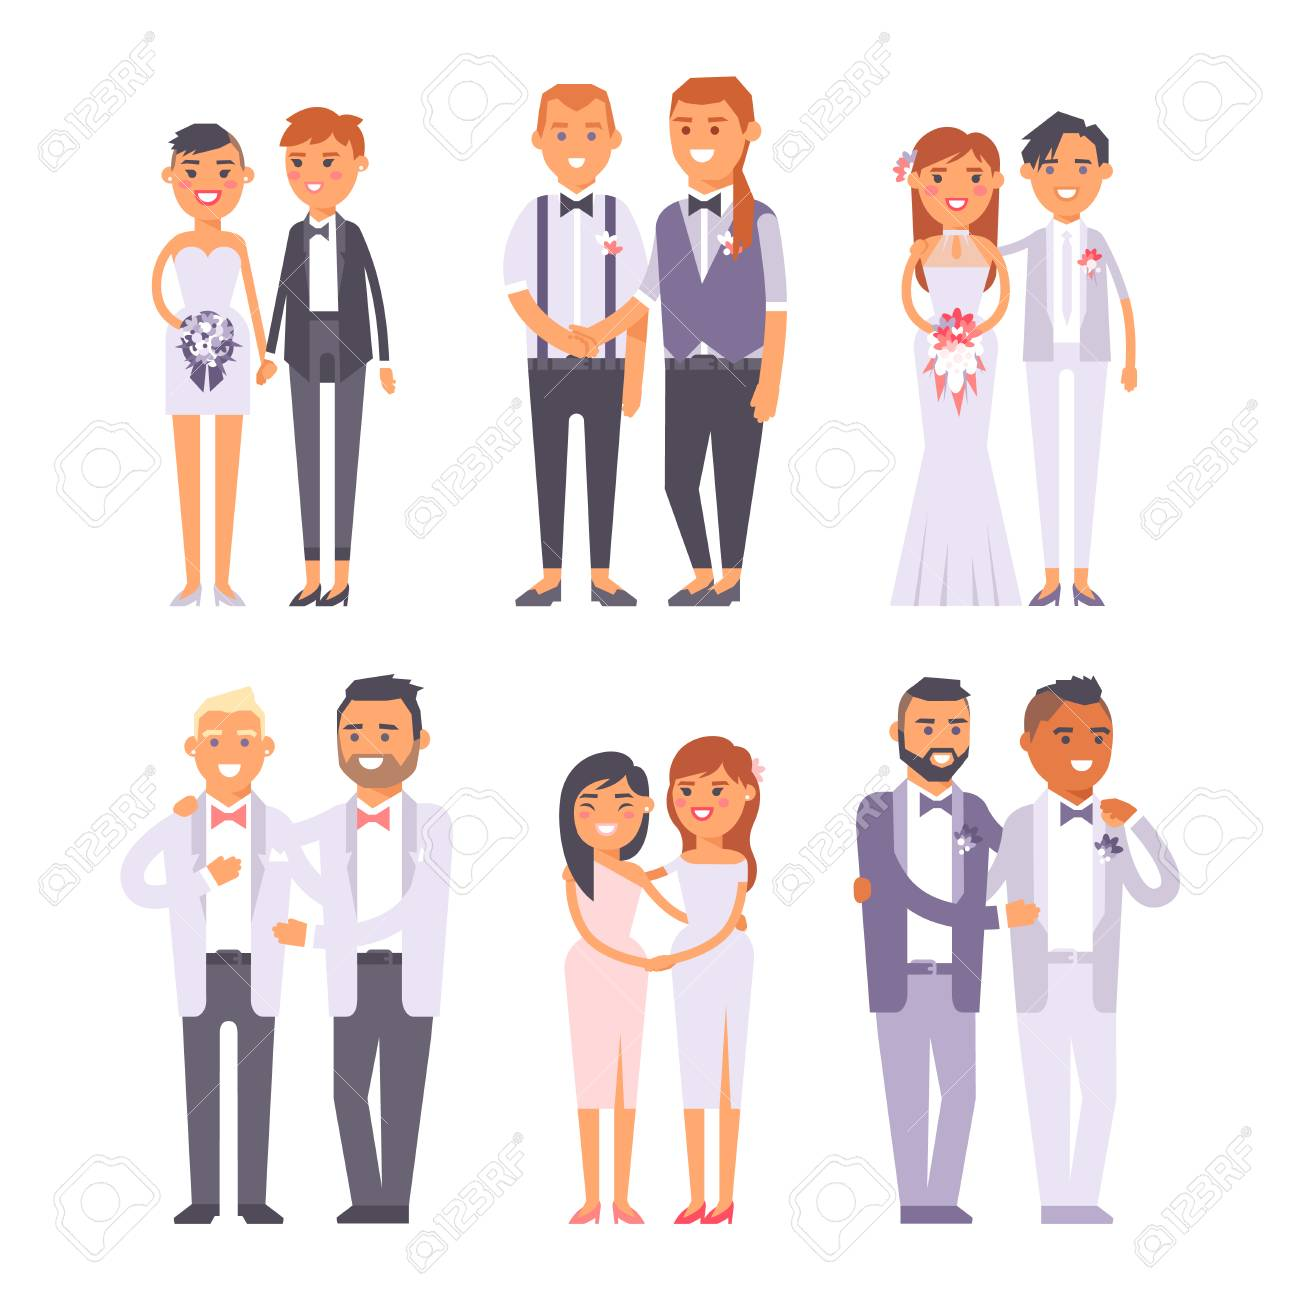 Parejas homosexuales mantienen más tiempo sus relaciones sentimentales que las heterosexuales, según estudio